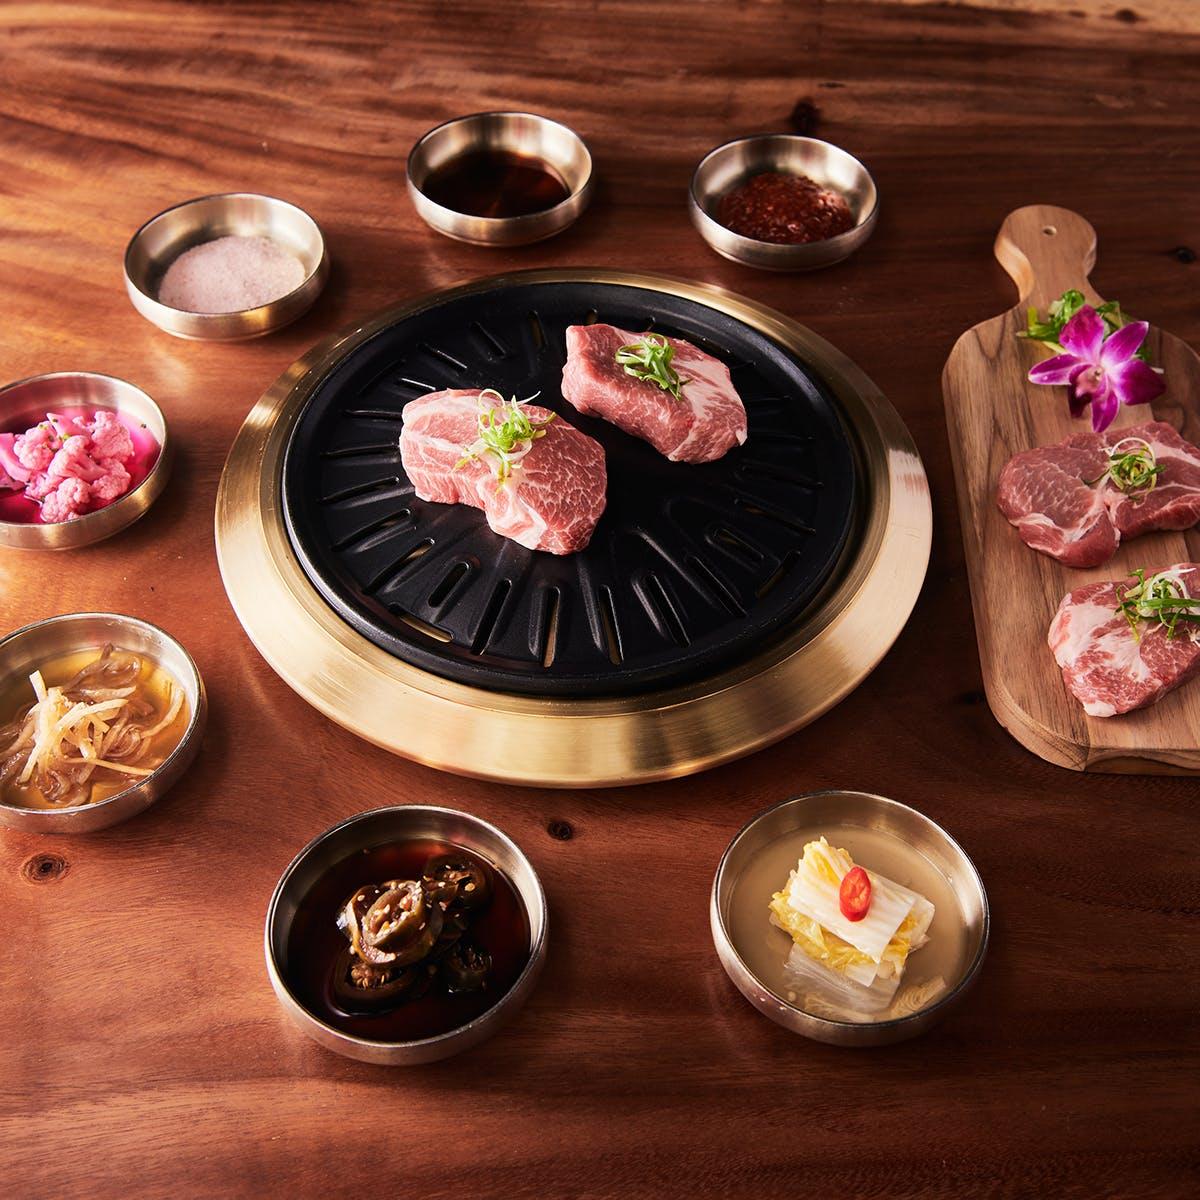 Samwon Garden Korean BBQ - Korean BBQ Galbi Pork Kit for 4-6